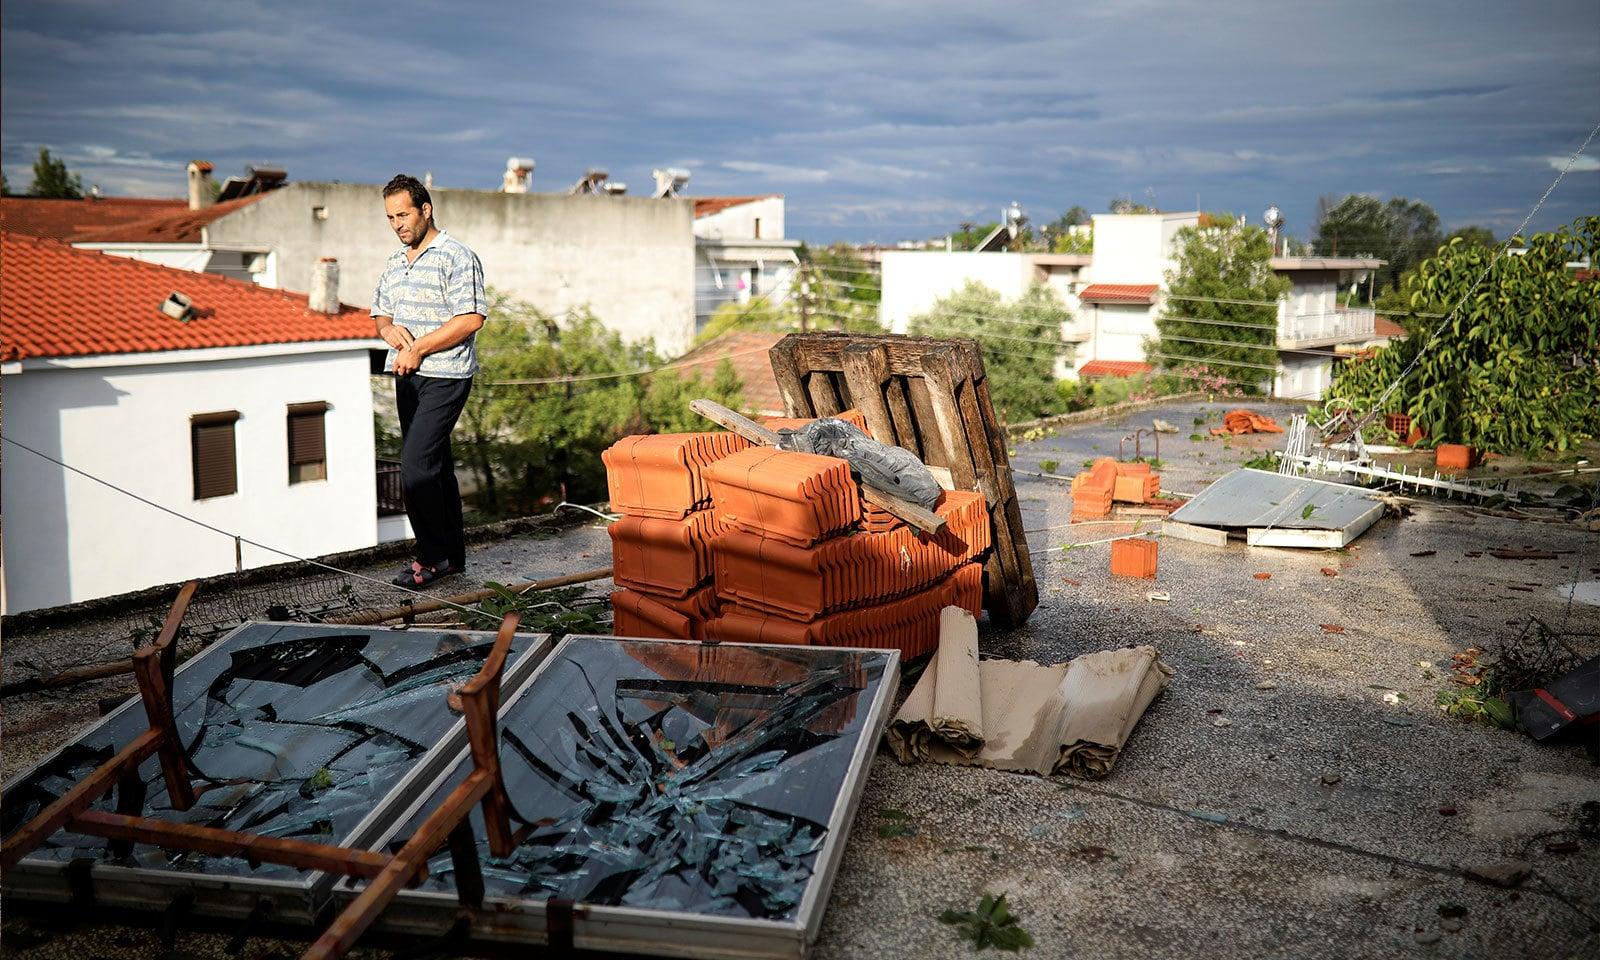 20 منٹ جاری رہنے والے طوفان نے بہت زیادہ تباہی پھیلائی — فوٹو: رائٹرز